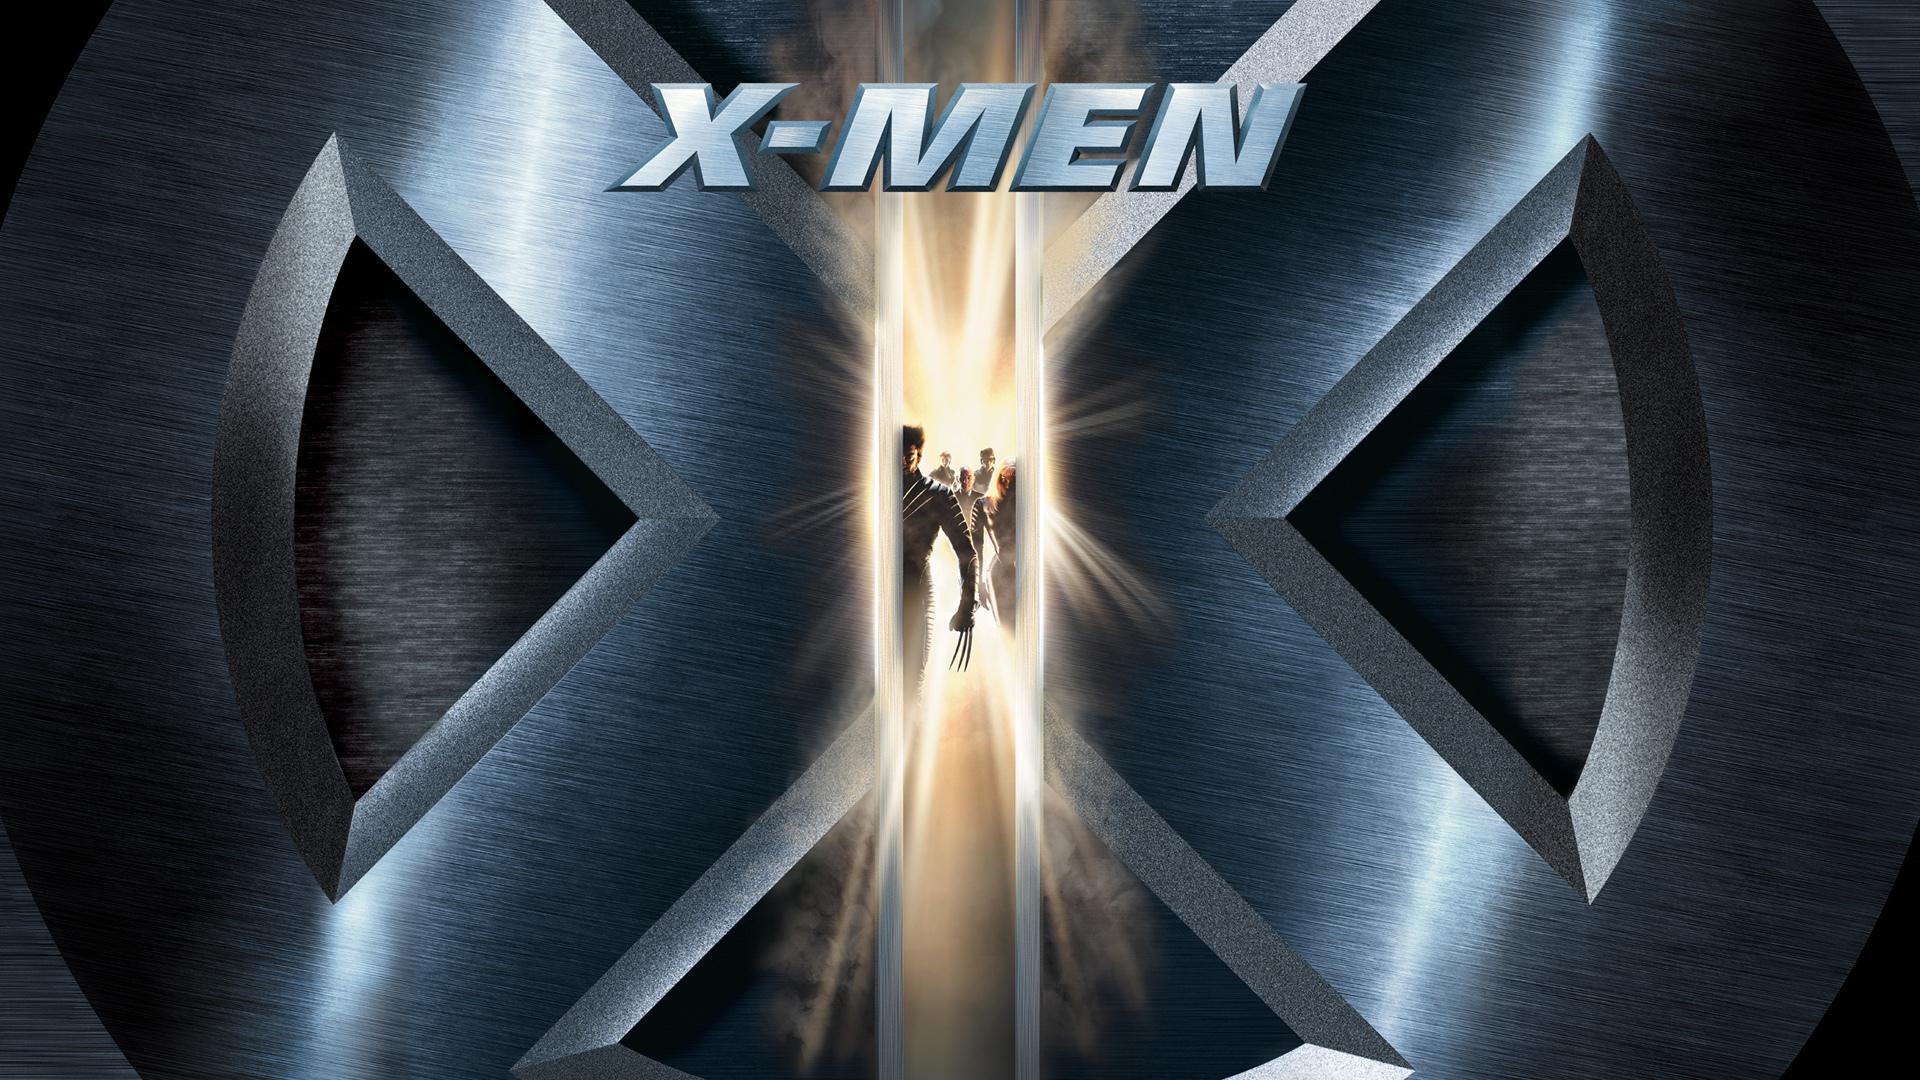 X2 X Men United Computer Wallpapers Desktop Backgrounds 1920x1080 1920x1080